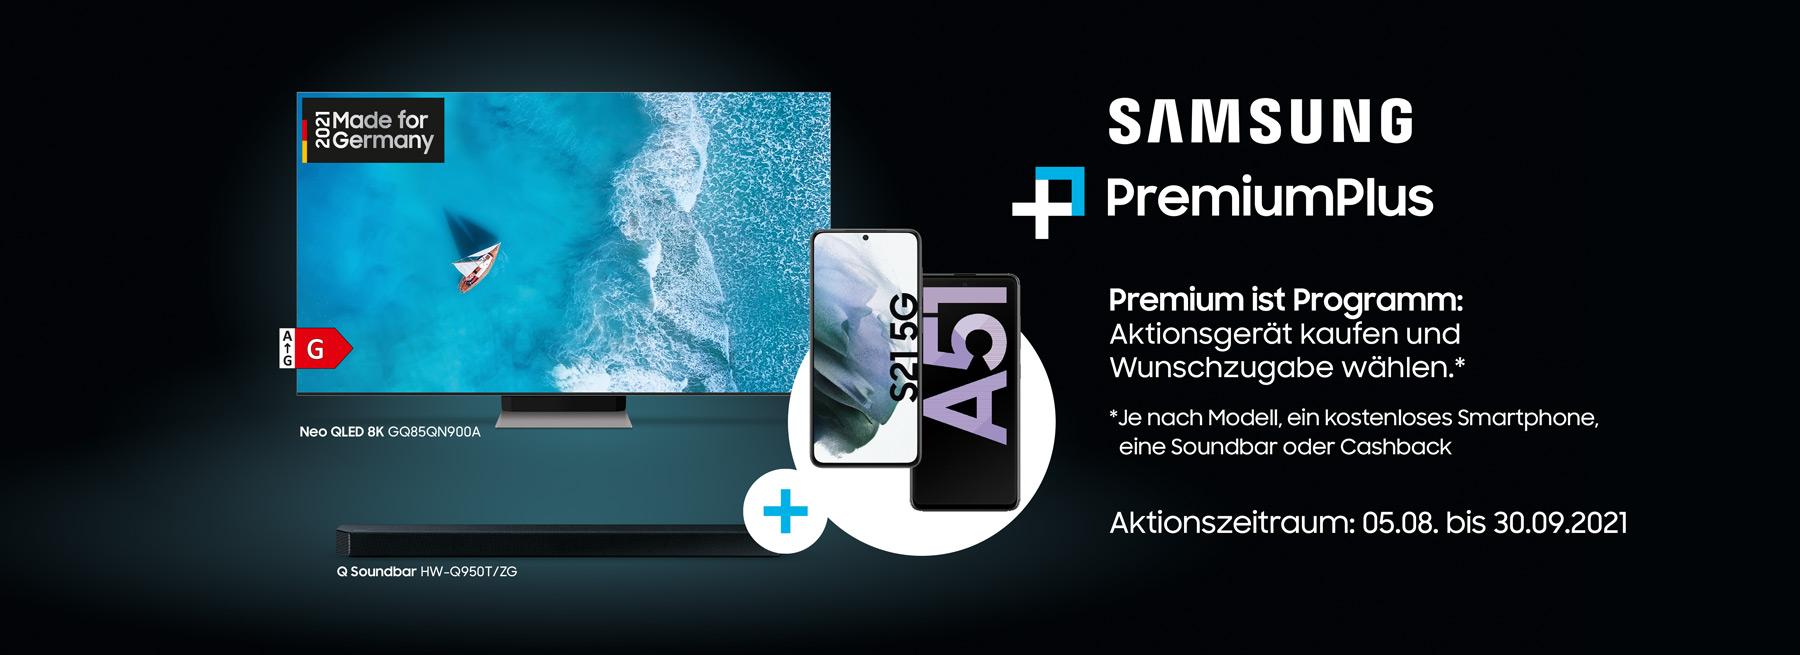 samsung-premium-plus-august-2021-promotion